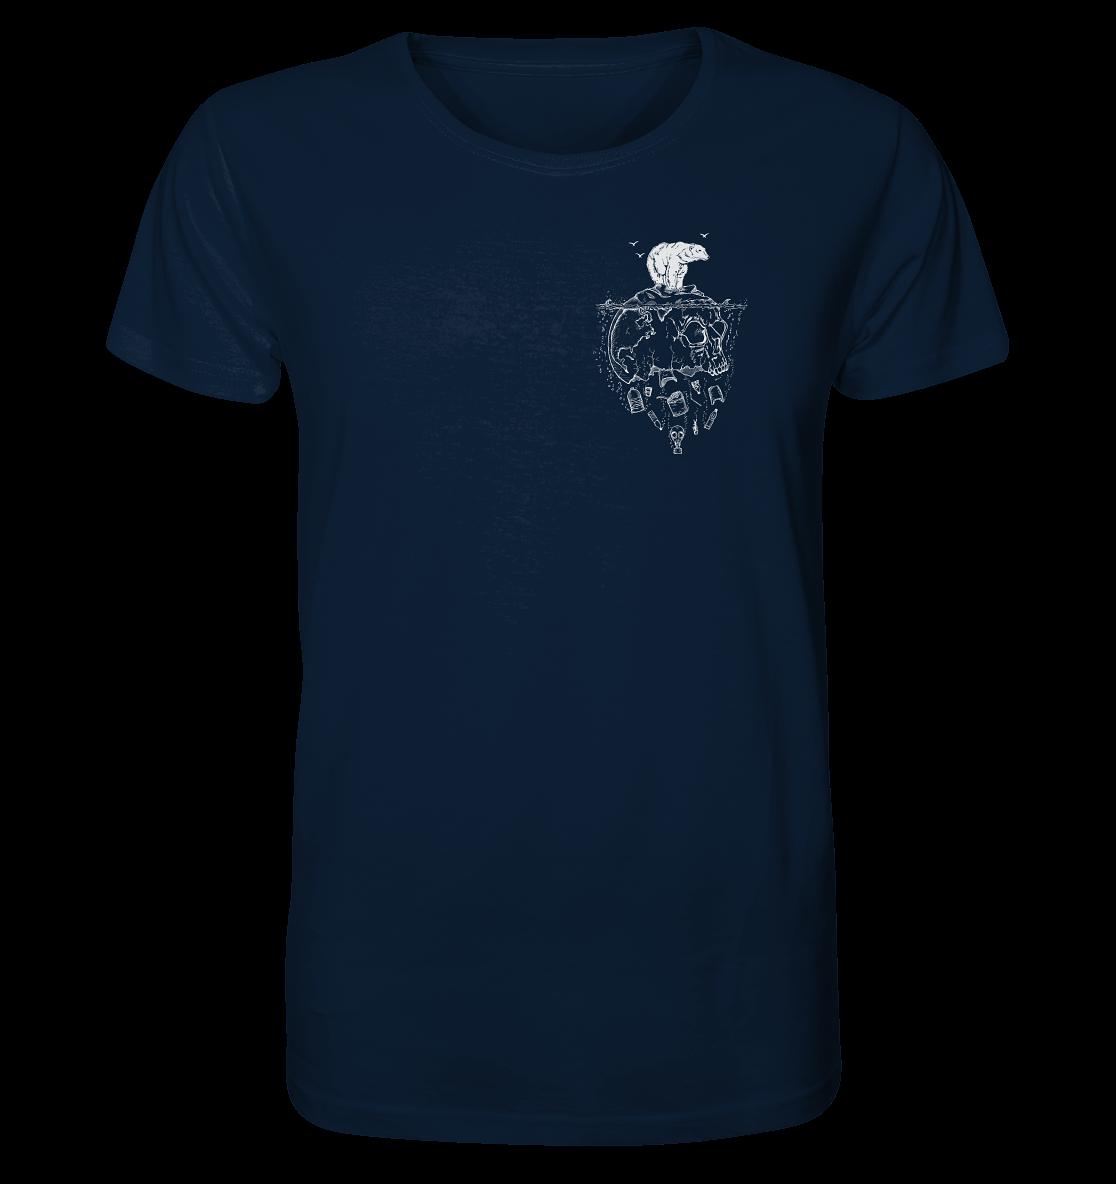 front-organic-shirt-0e2035-1116x-16.png